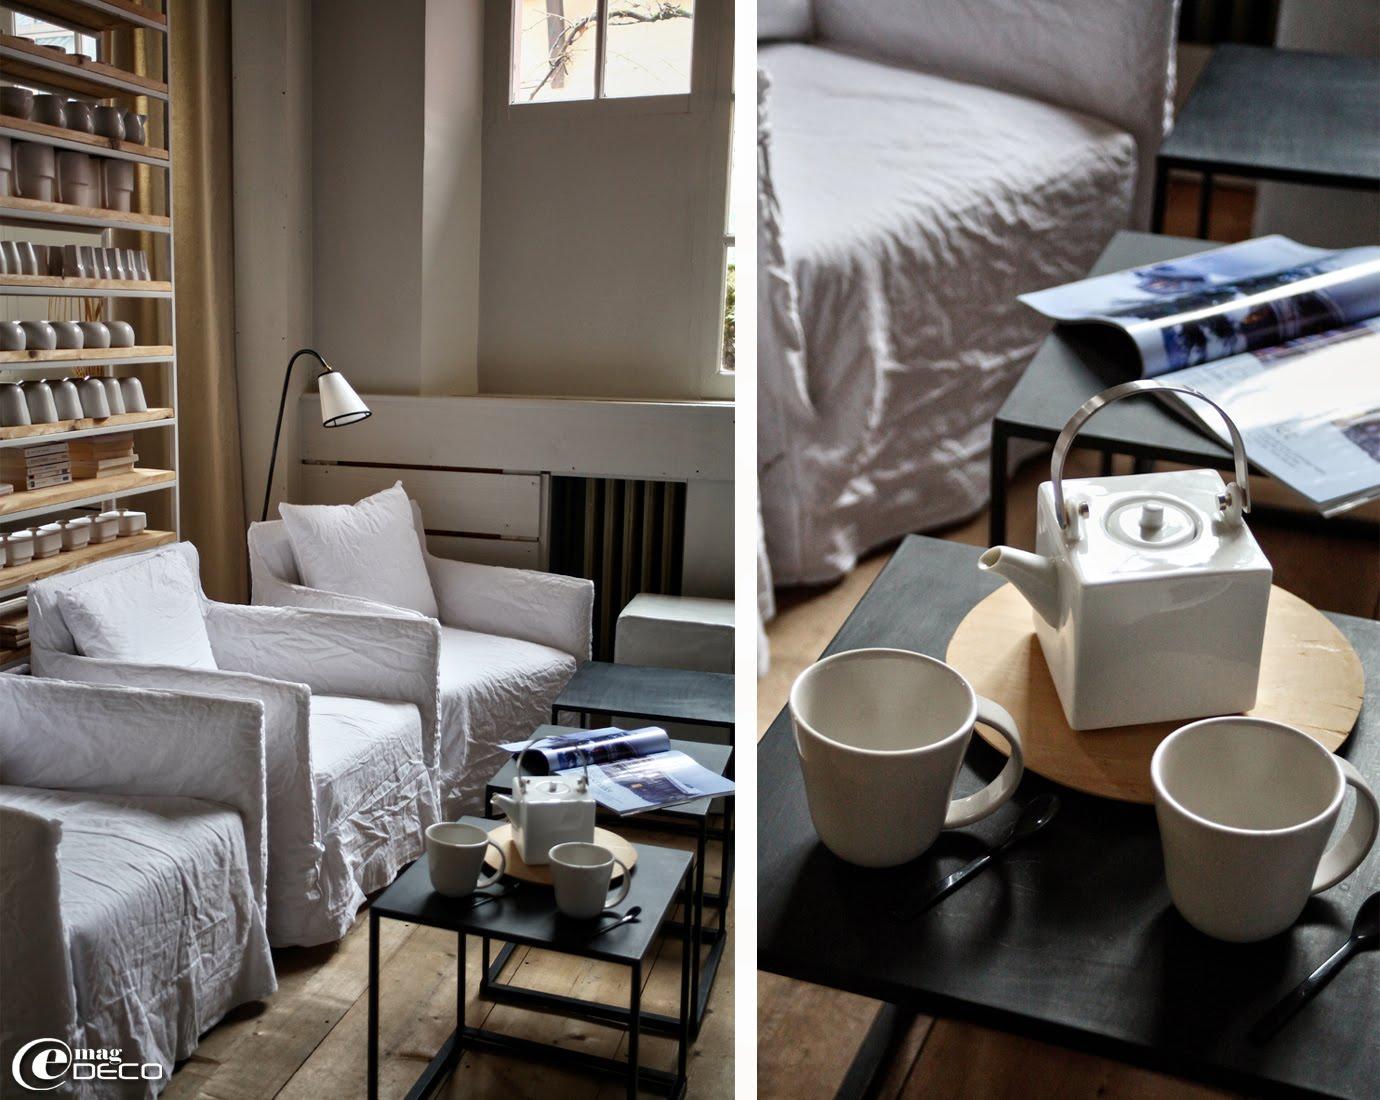 Le salon-bibliothèque de l'hôtel La féline Blanche à Saint-Gervais Mont-Blanc, fauteuils Ghost de Paola Navone pour Gervasoni et liseuse Caravane